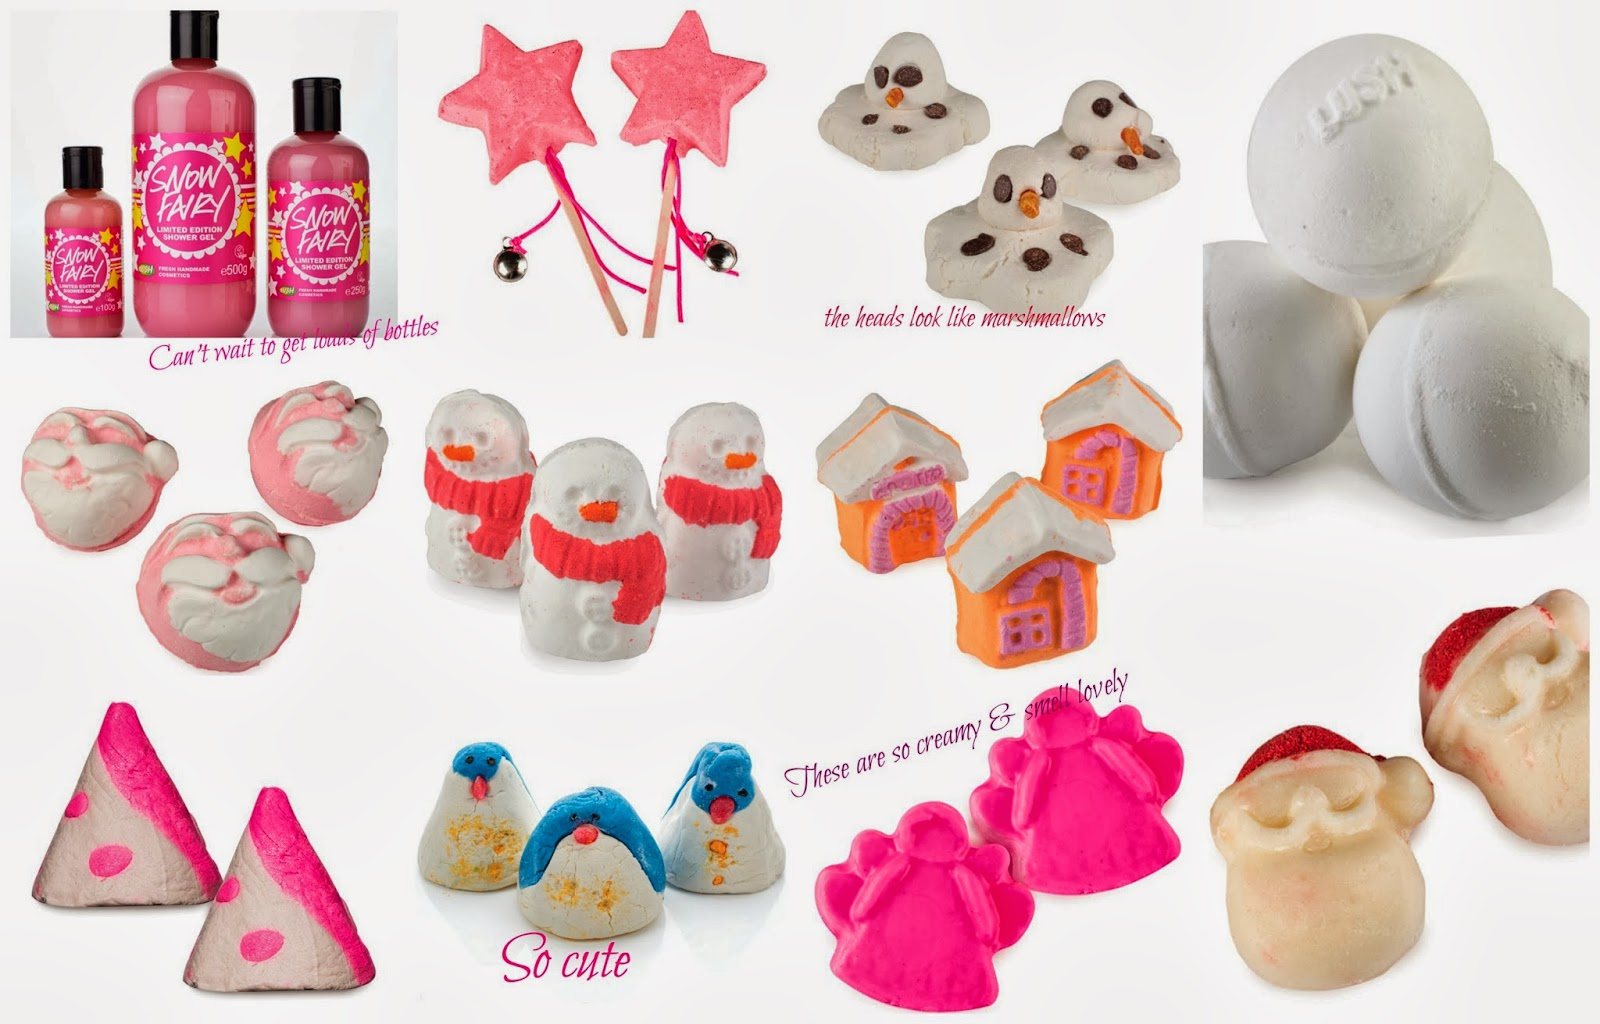 Chloeabelle | Beauty & Lifestyle | UK: My Christmas Lush Wishlist